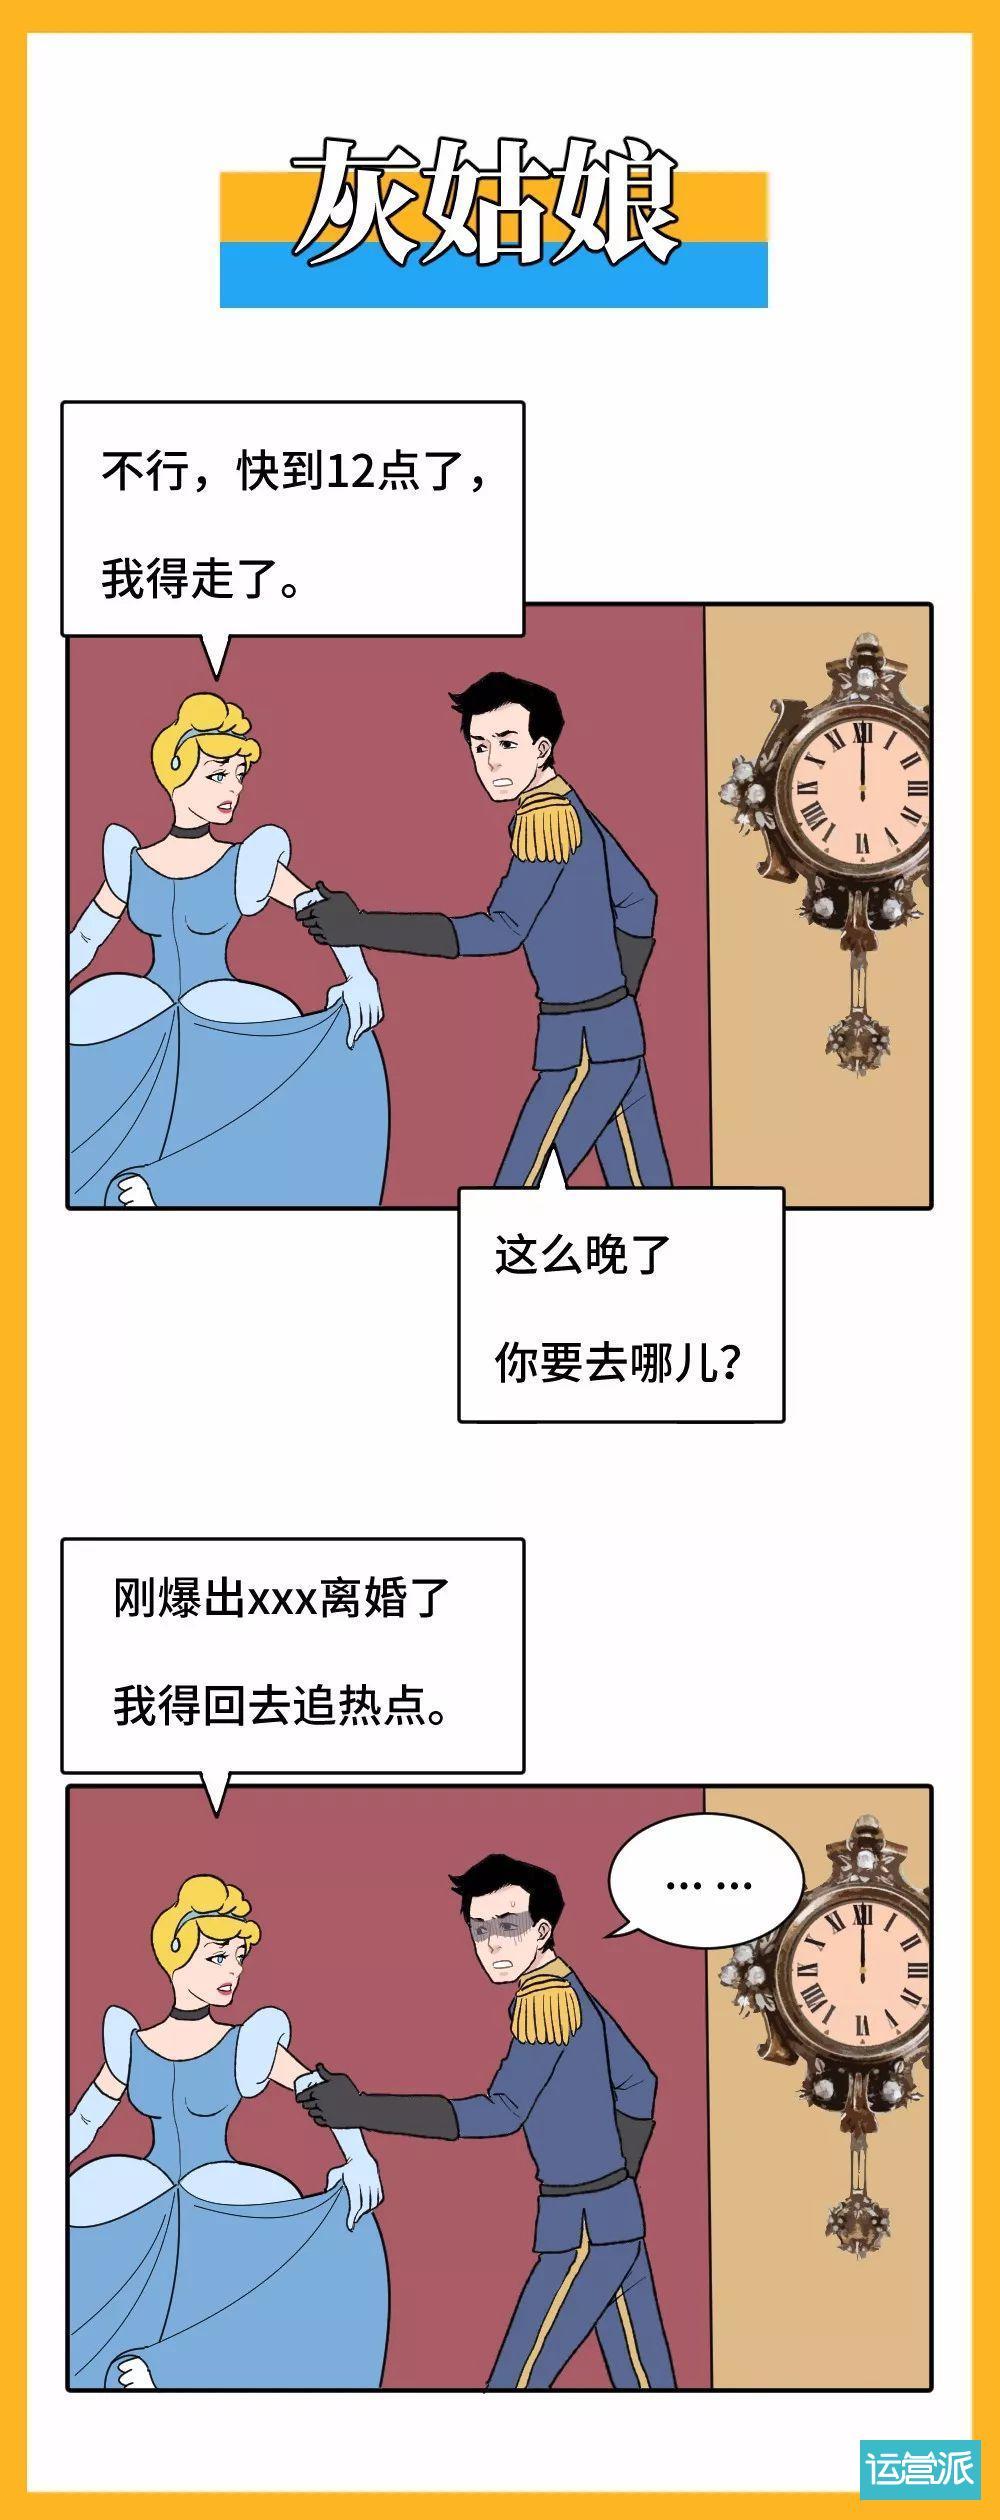 广告人的日常,太太太太太太太像童话了!